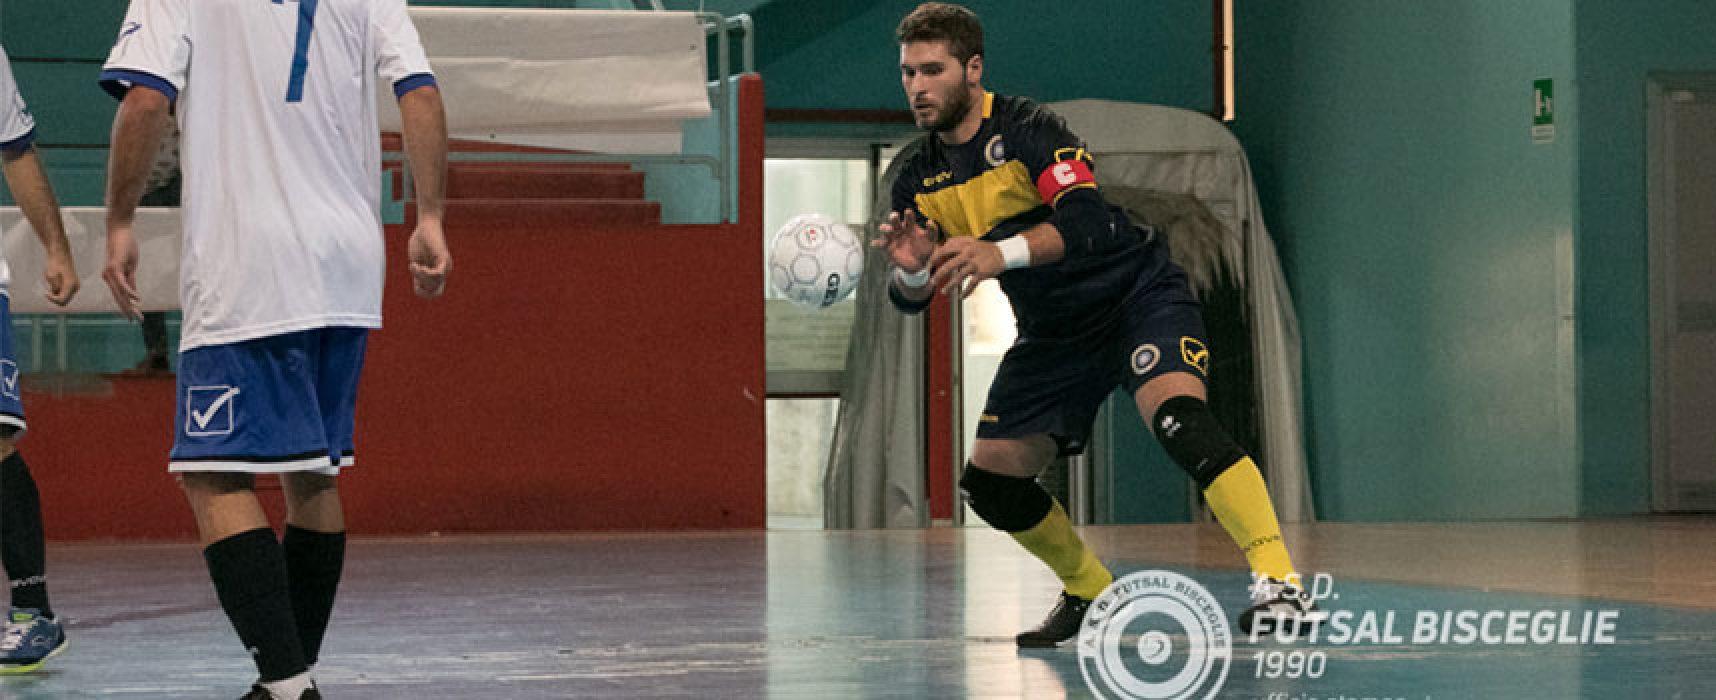 """Futsal Bisceglie, capitan Sinigaglia suona la carica: """"Iniziamo a macinare punti"""""""